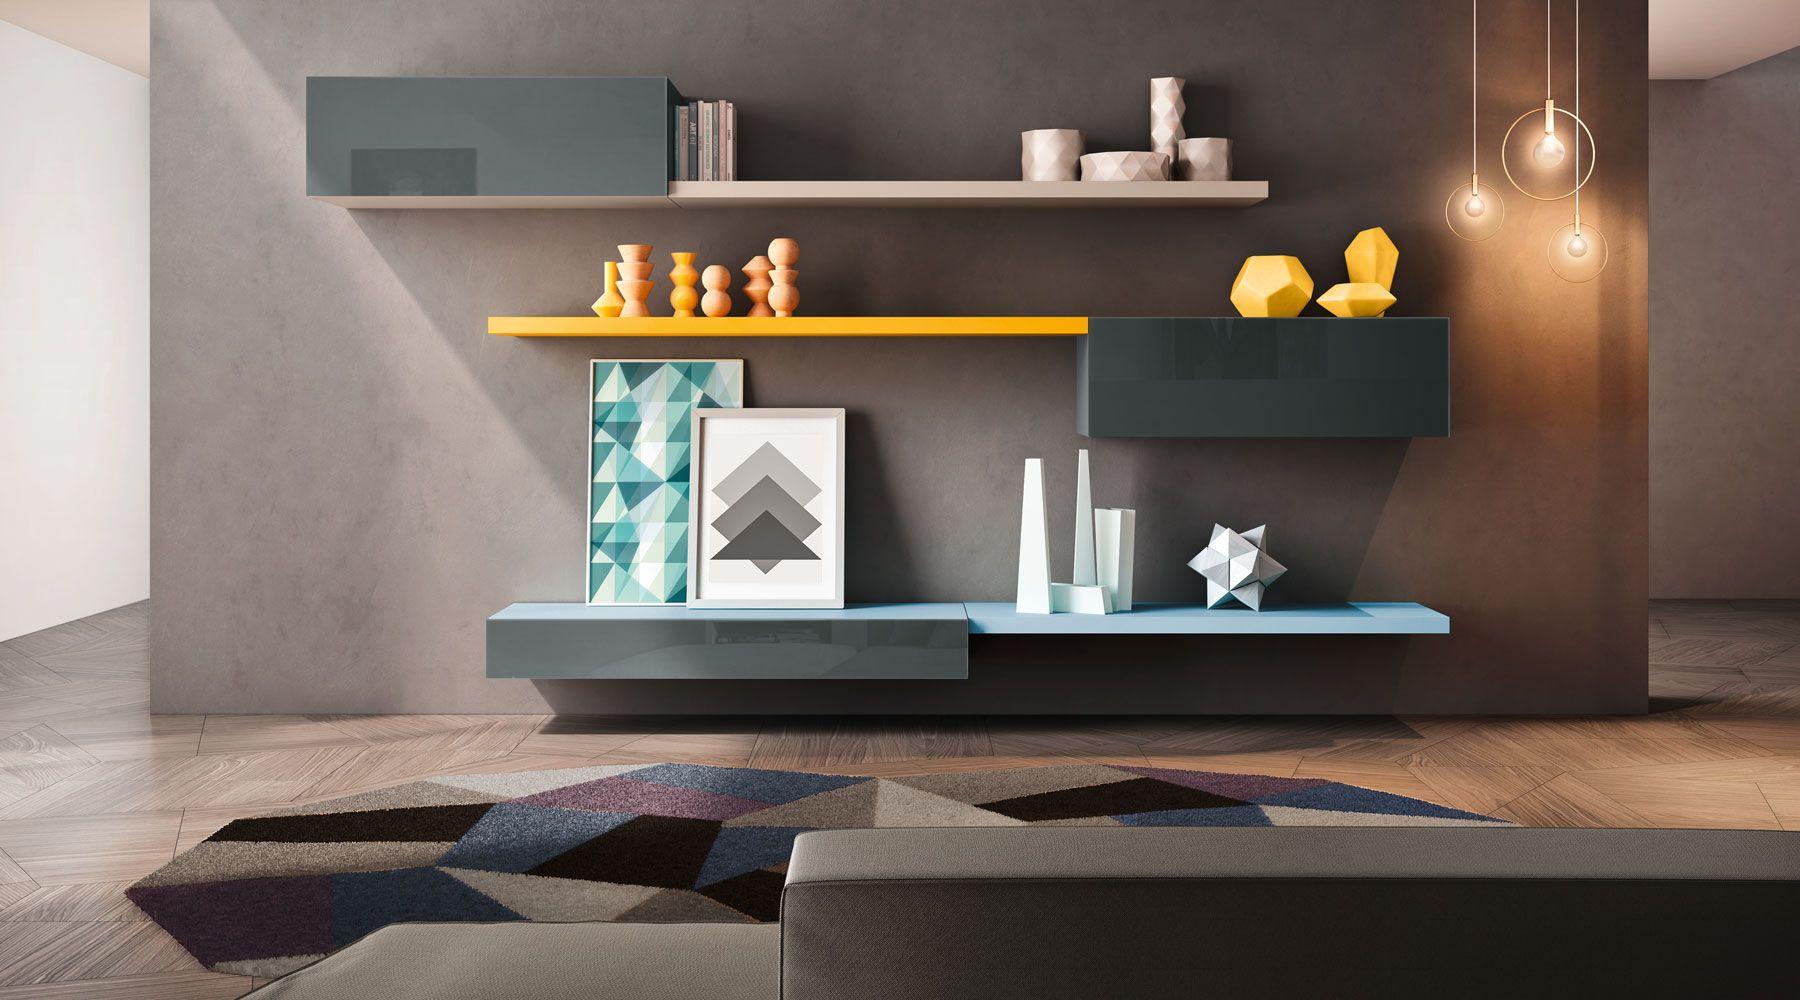 Camera Da Letto Lago sistema 36e8 | home living room, living room shelves, home decor